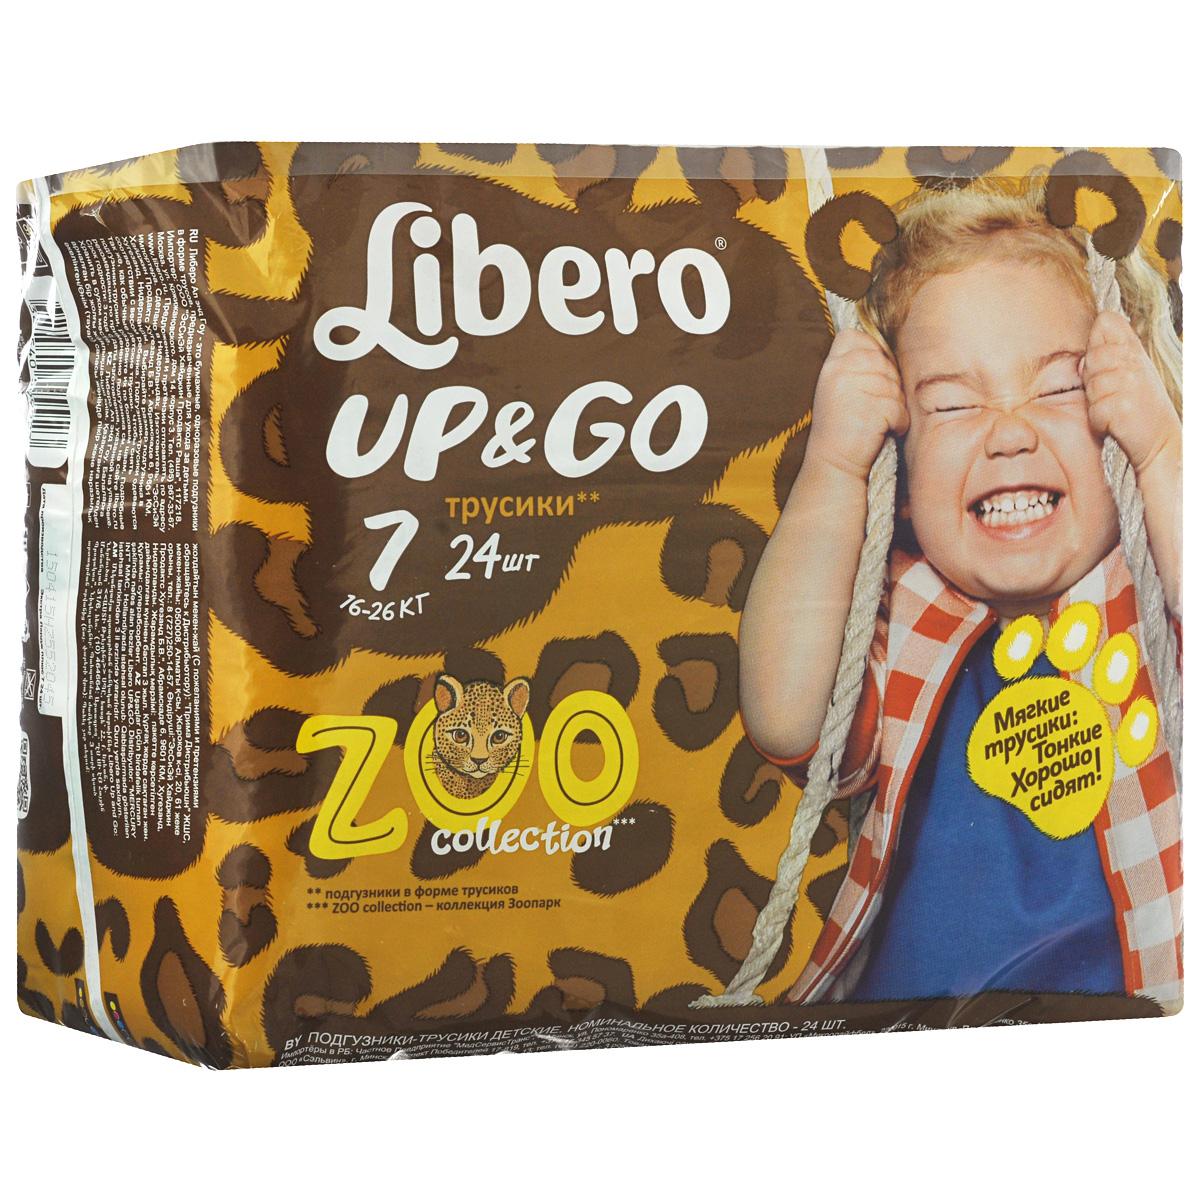 Libero Подгузники-трусики Up&Go Zoo Collection (16-26 кг) 24 шт5585Подгузники-трусики Libero Up&Go, выполненные из тонкого супермягкого материала, сидят как настоящие детские трусики и заботятся о сухости и комфорте вашего малыша. Преимущества подгузников-трусиков Libero Up&Go: позволяют коже дышать, при этом хорошо впитывают; эластичный удобный поясок; не содержат лосьонов; легко и быстро надеваются и снимаются при разрывании боковых швов; клеящая лента позволяет с легкостью свернуть подгузник после использования; в упаковке 5 разных дизайнов трусиков.